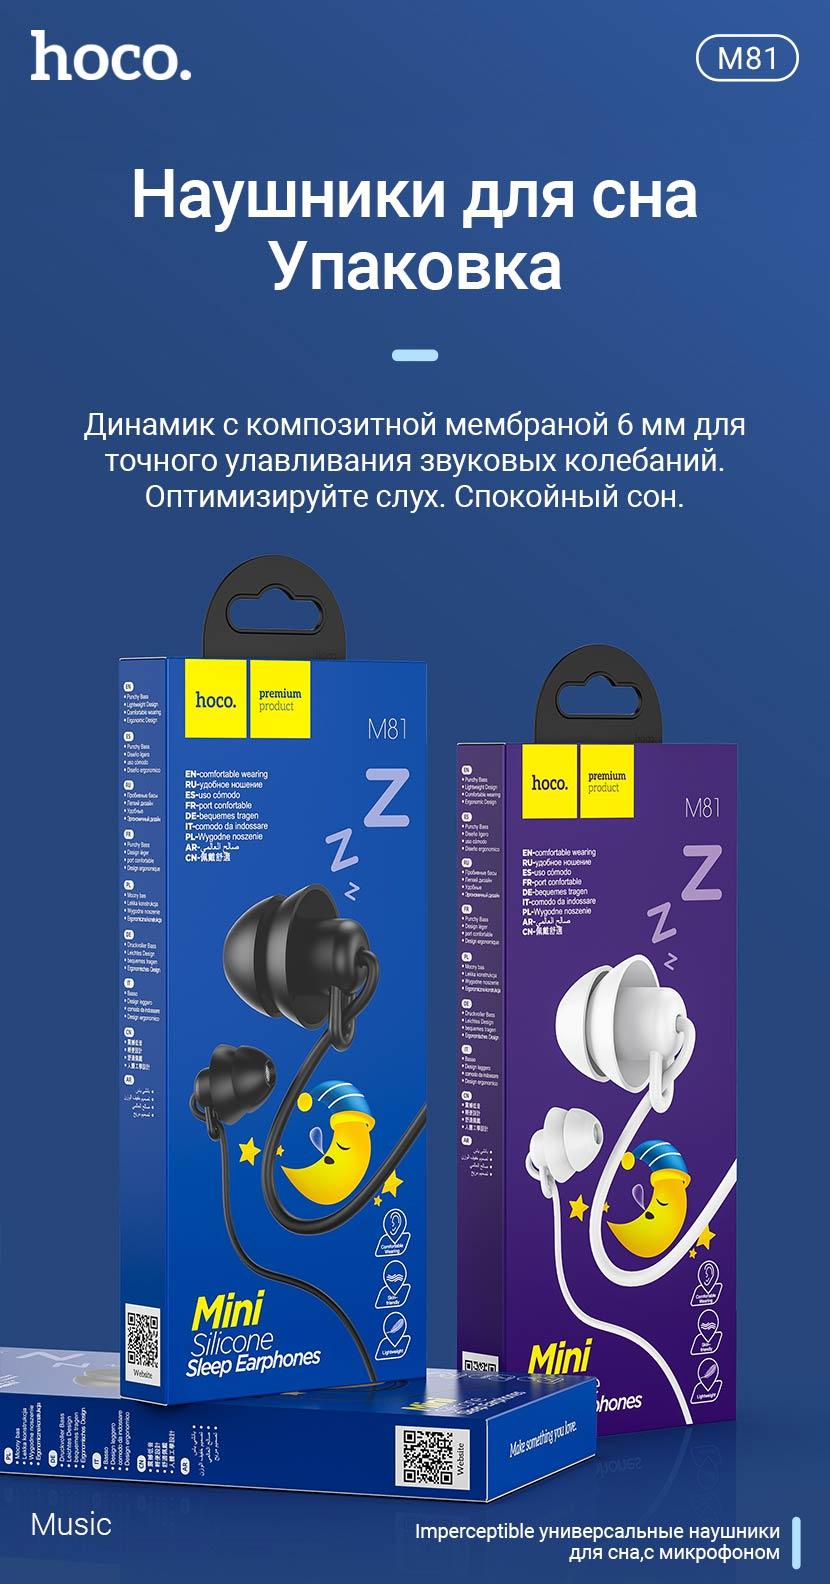 hoco news m81 imperceptible sleeping earphones with mic package ru